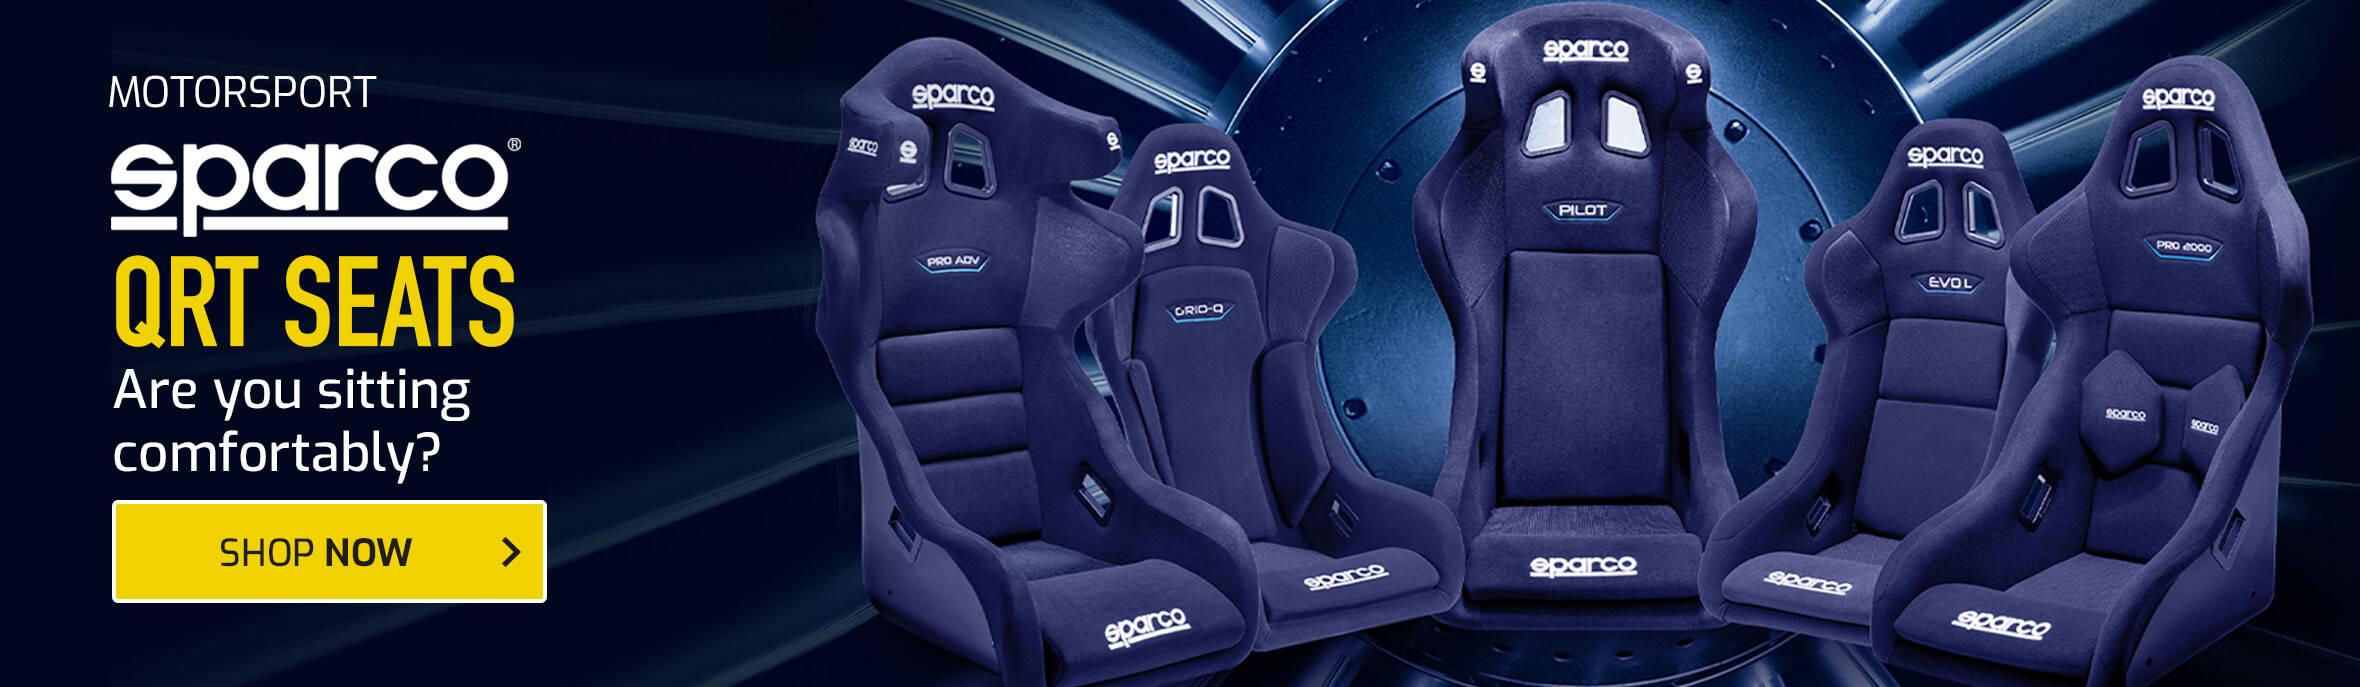 Sparco QRT Seats